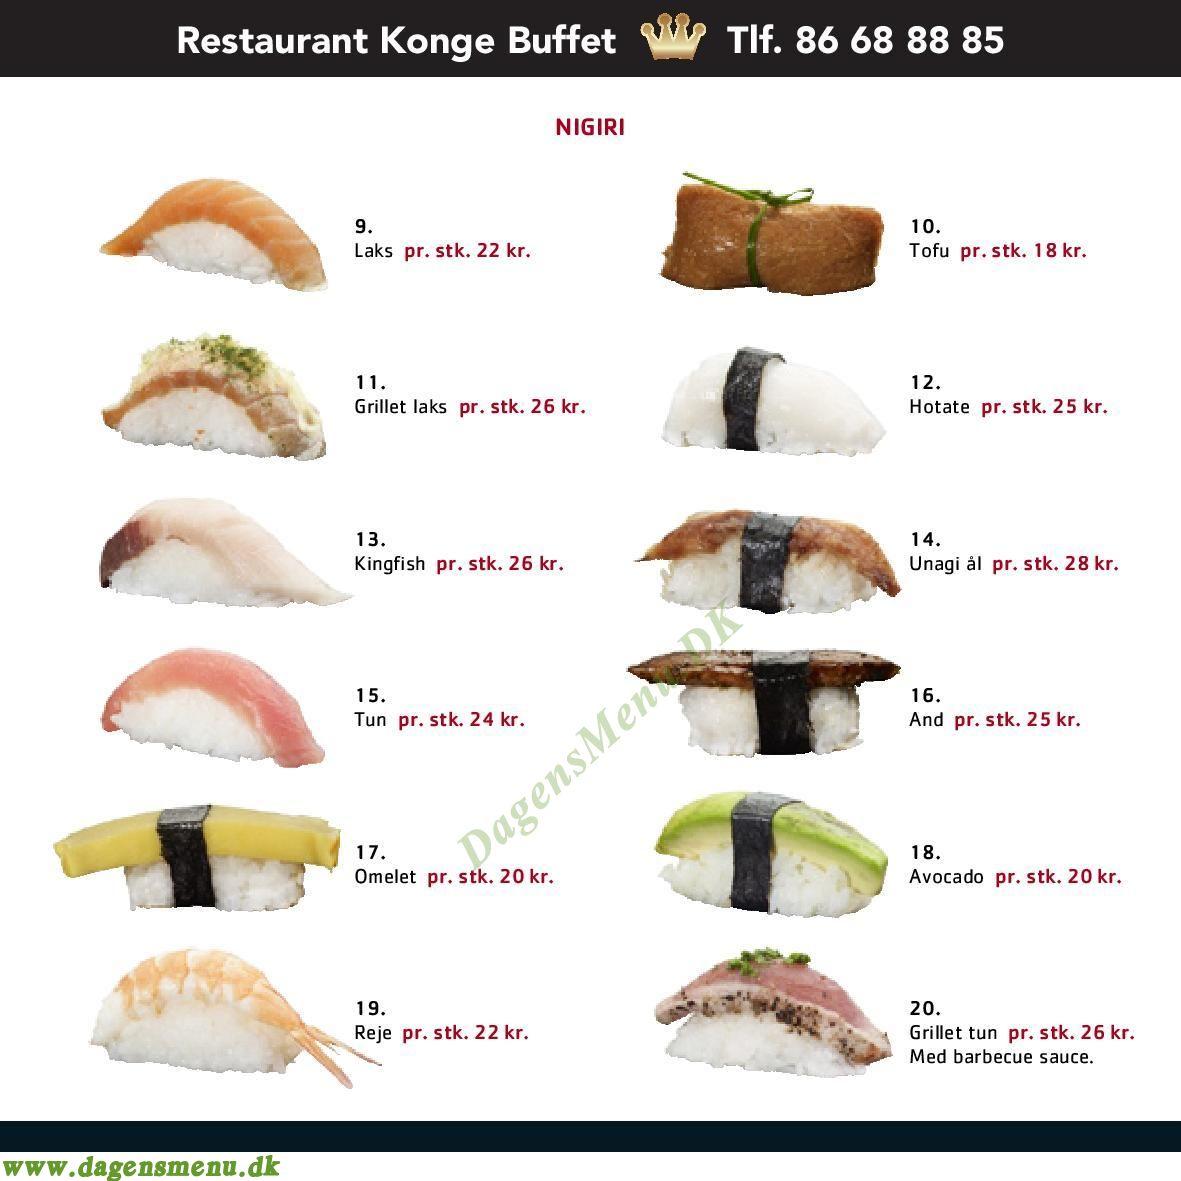 Konge Buffet - Menukort